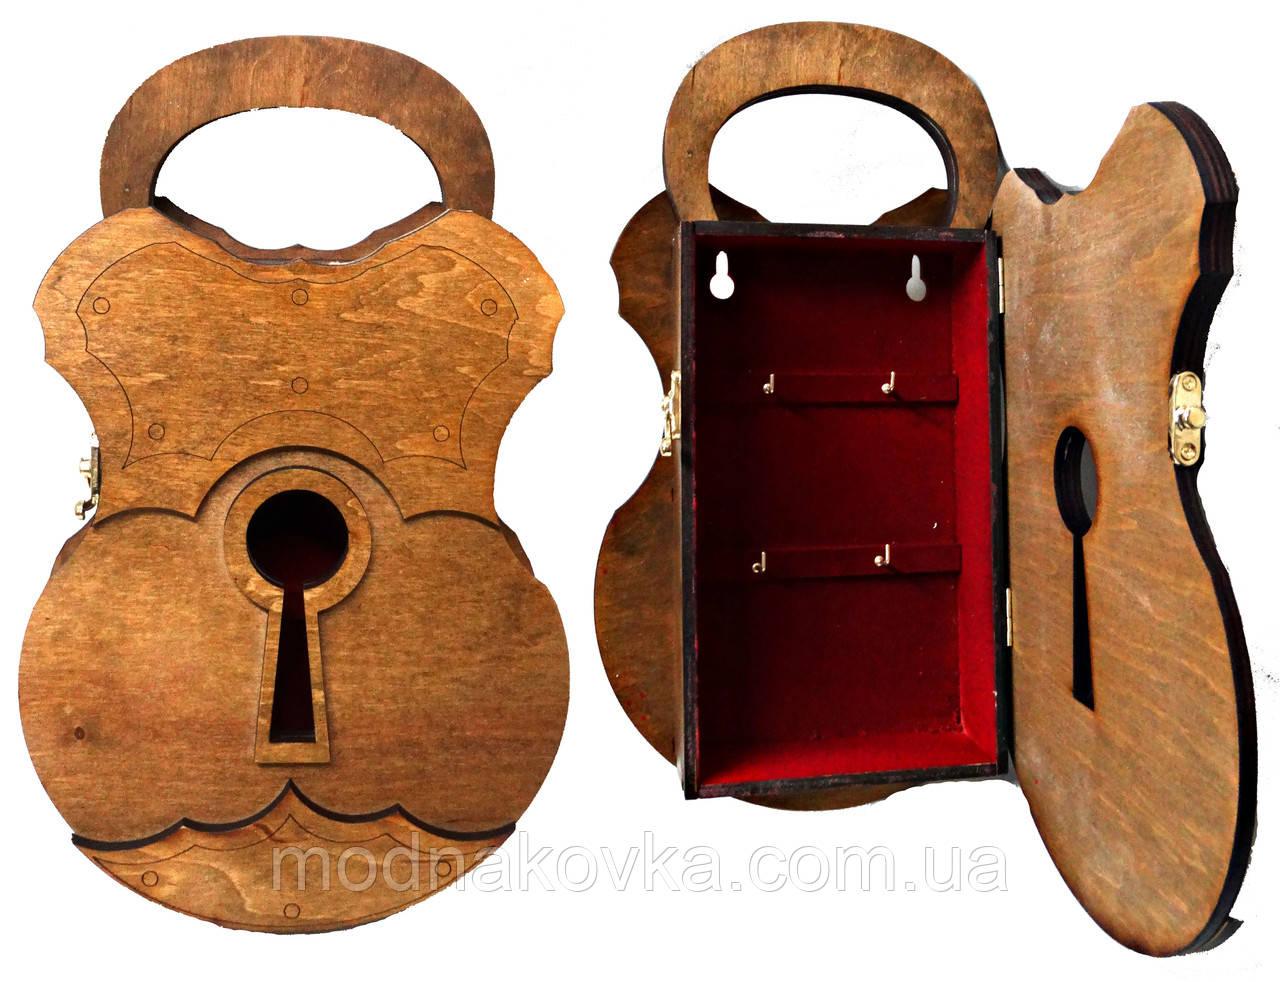 Настенный ящик для ключей Замок I Ключница деревянная Колодка